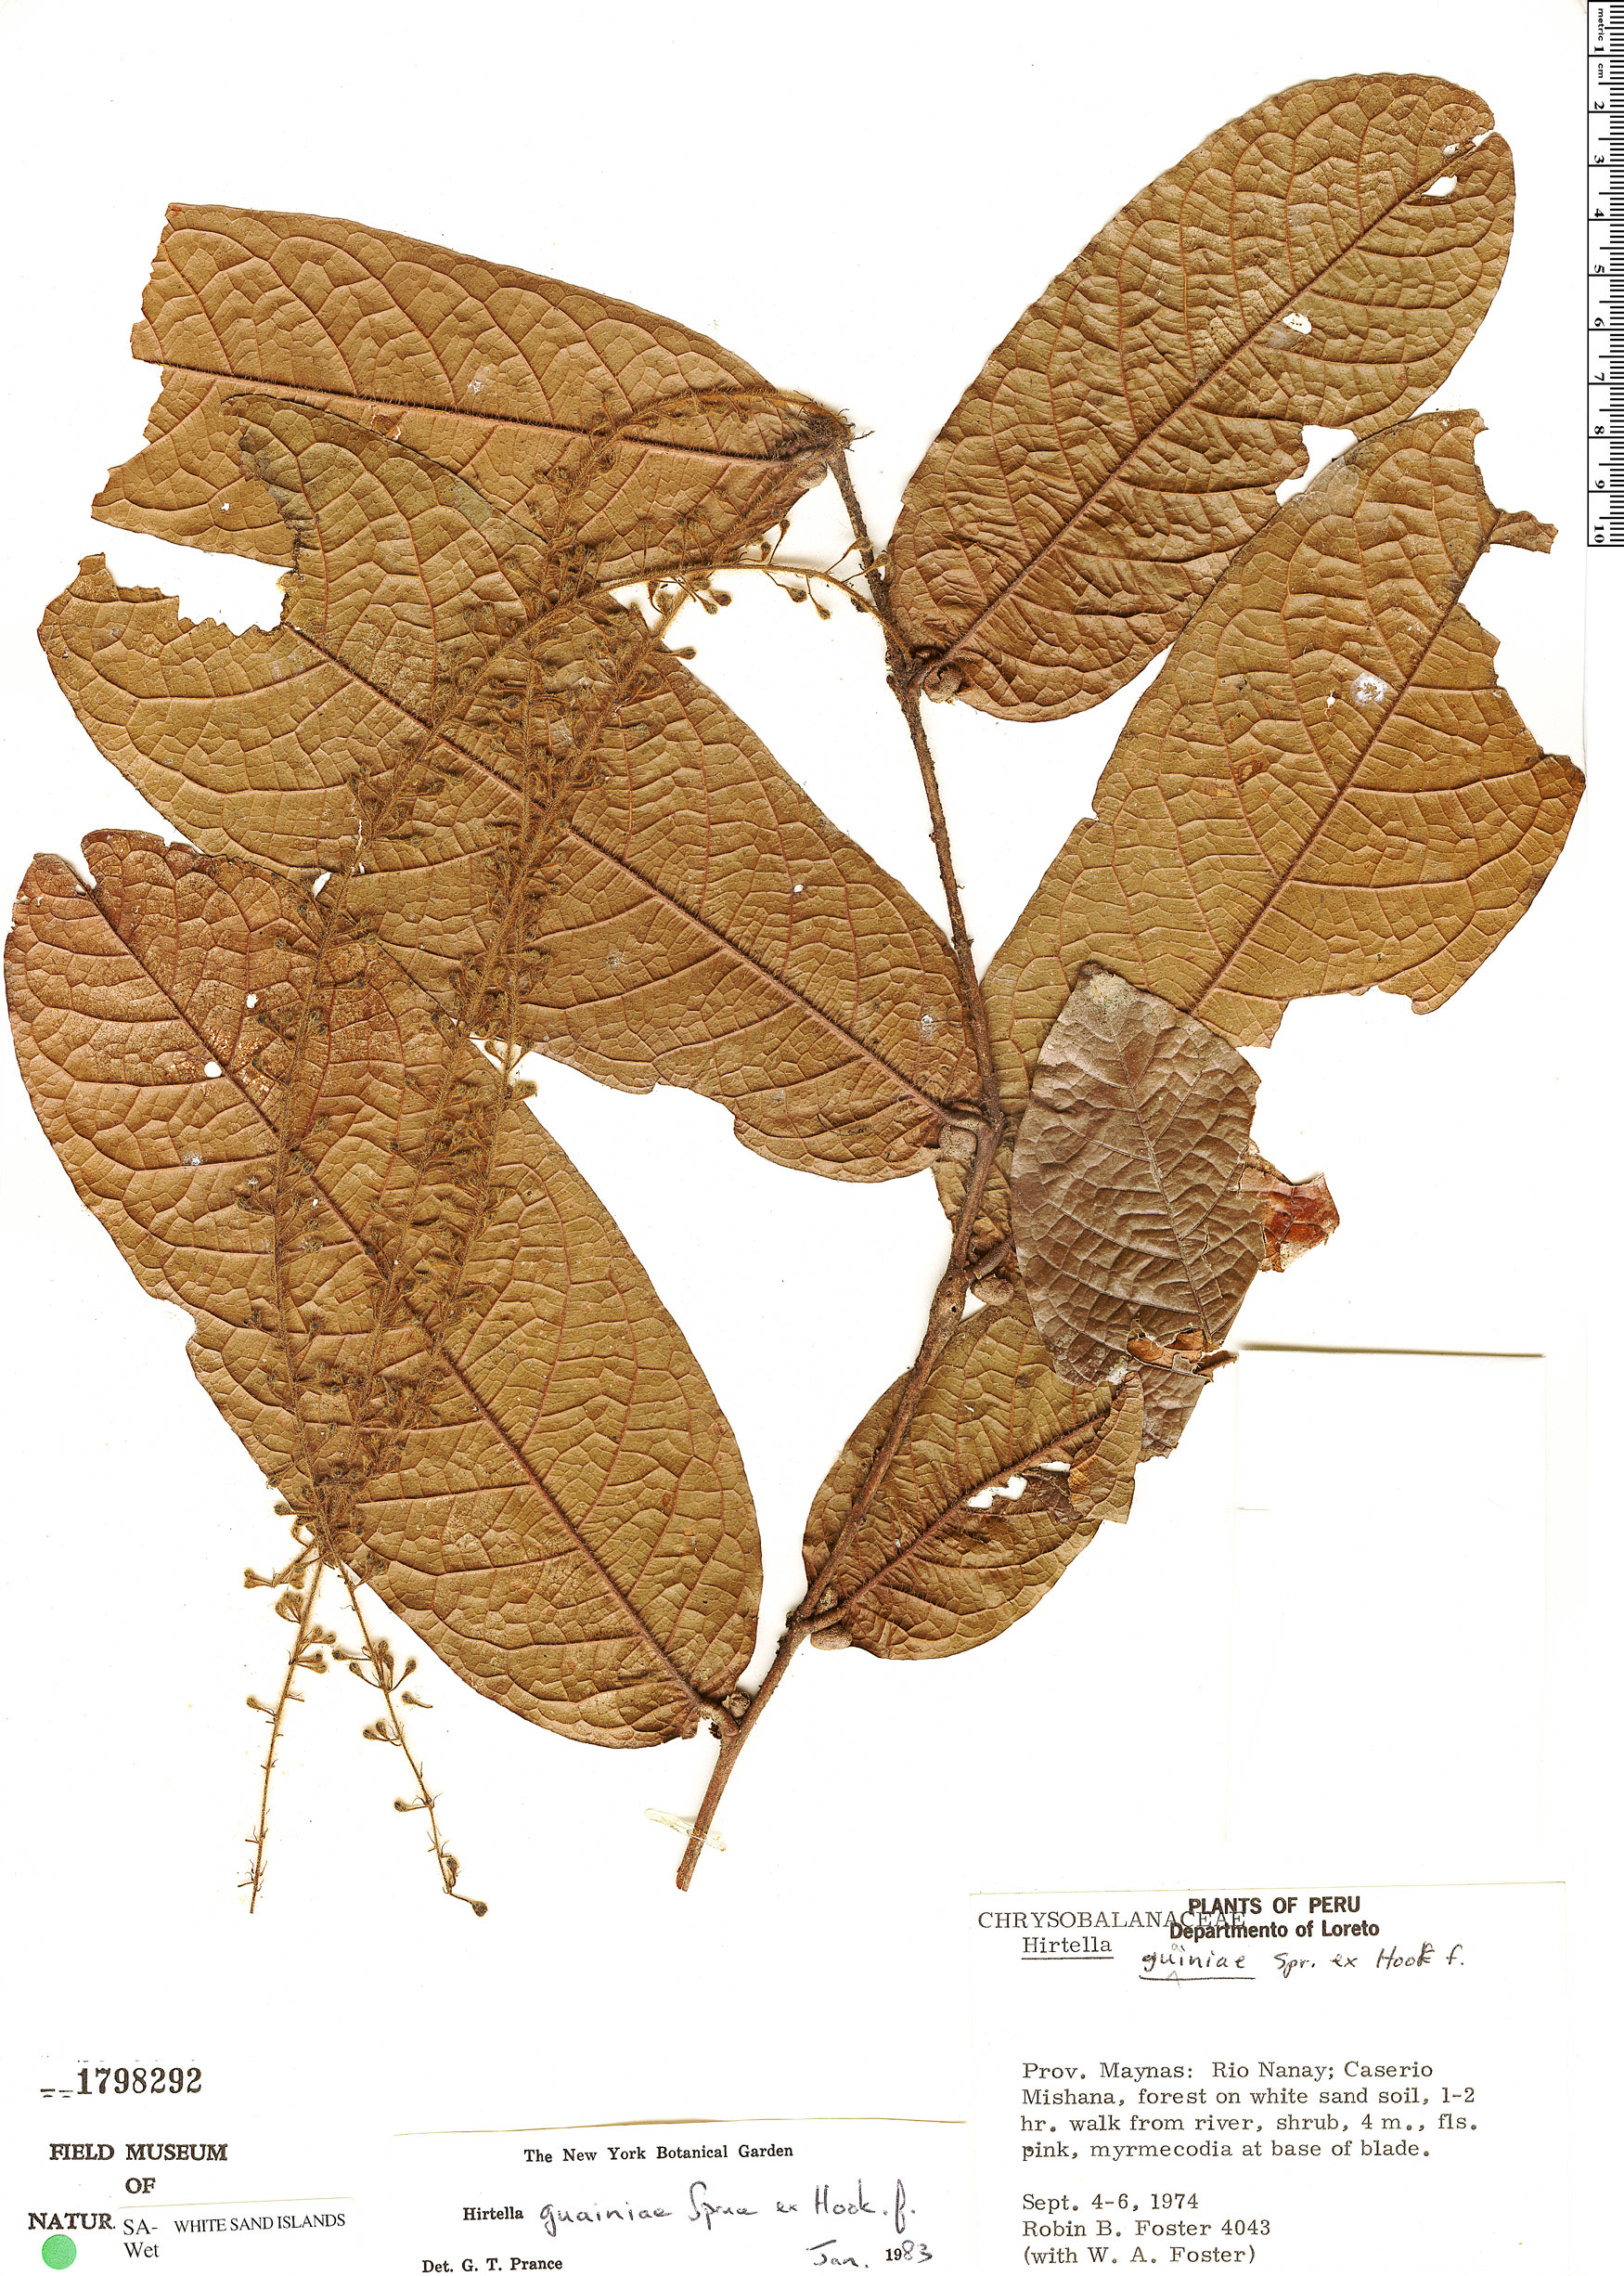 Specimen: Hirtella guainiae